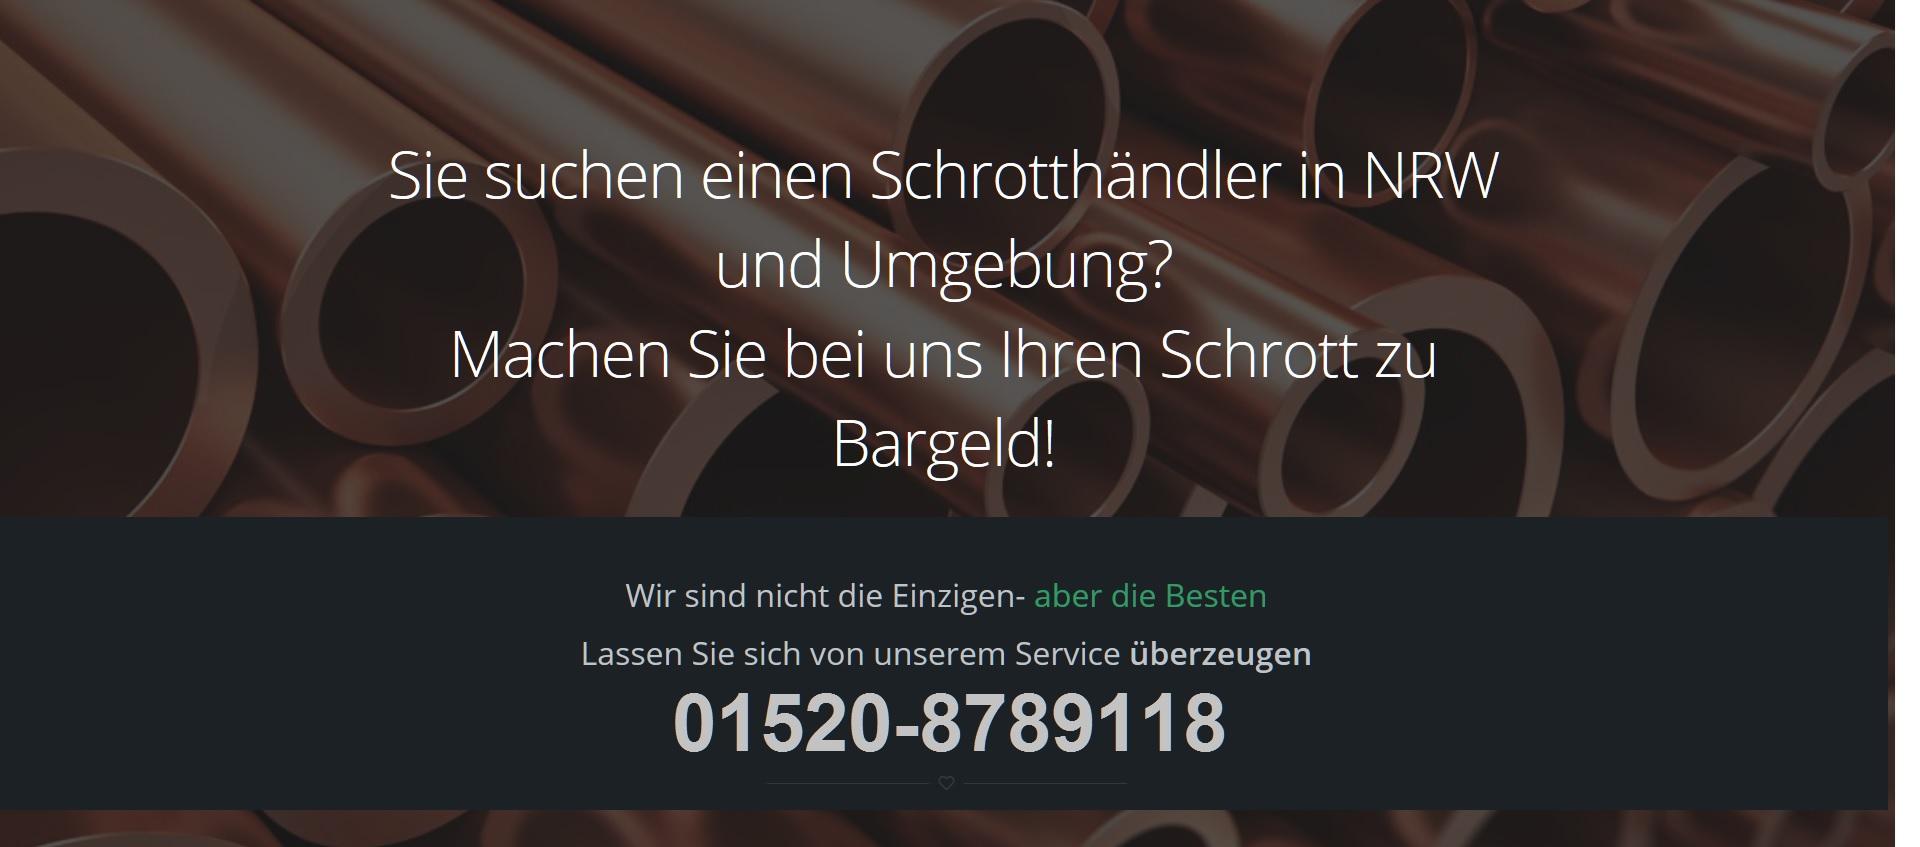 Schrotthändler Duisburg: Schrottabholung Kostenlos für Duisburg und gesamte Umgebung